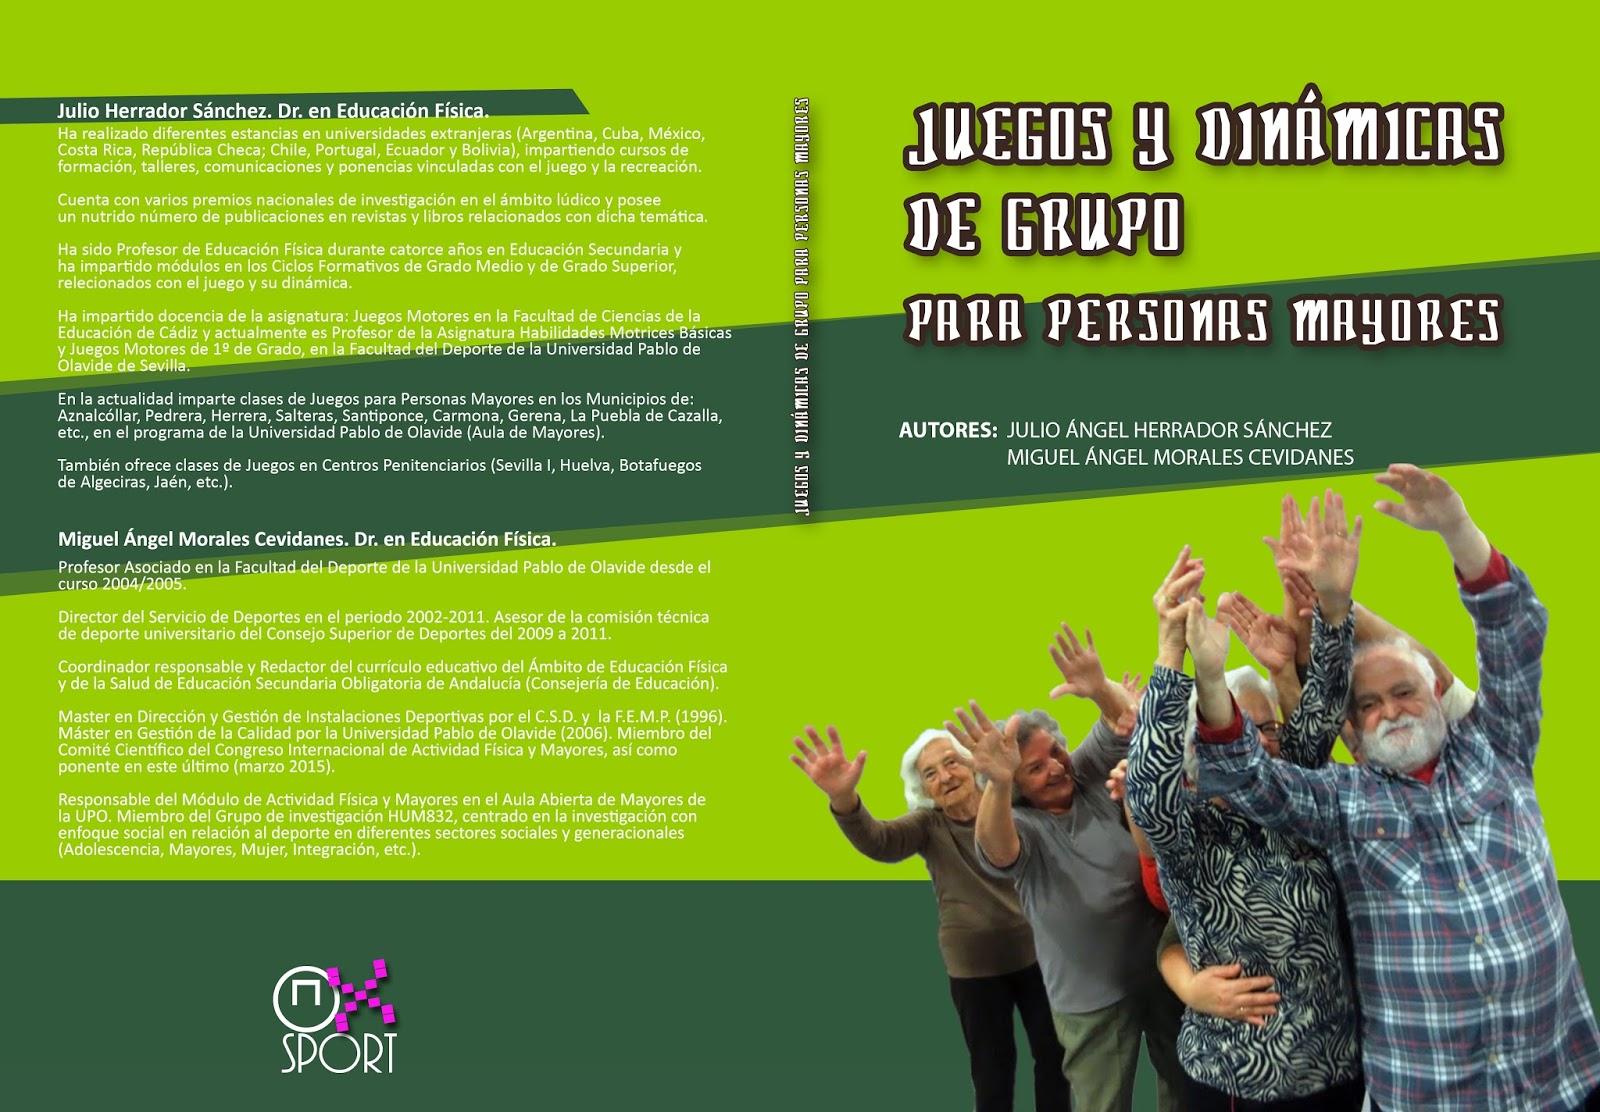 Julio Herrador Educacion Fisica Y Juegos Libro De Juegos Y